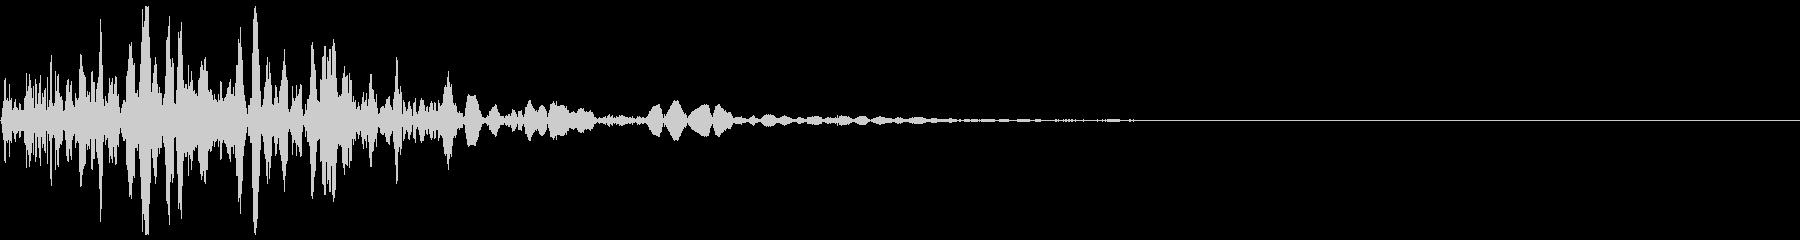 ドシン! 重めの足音の未再生の波形